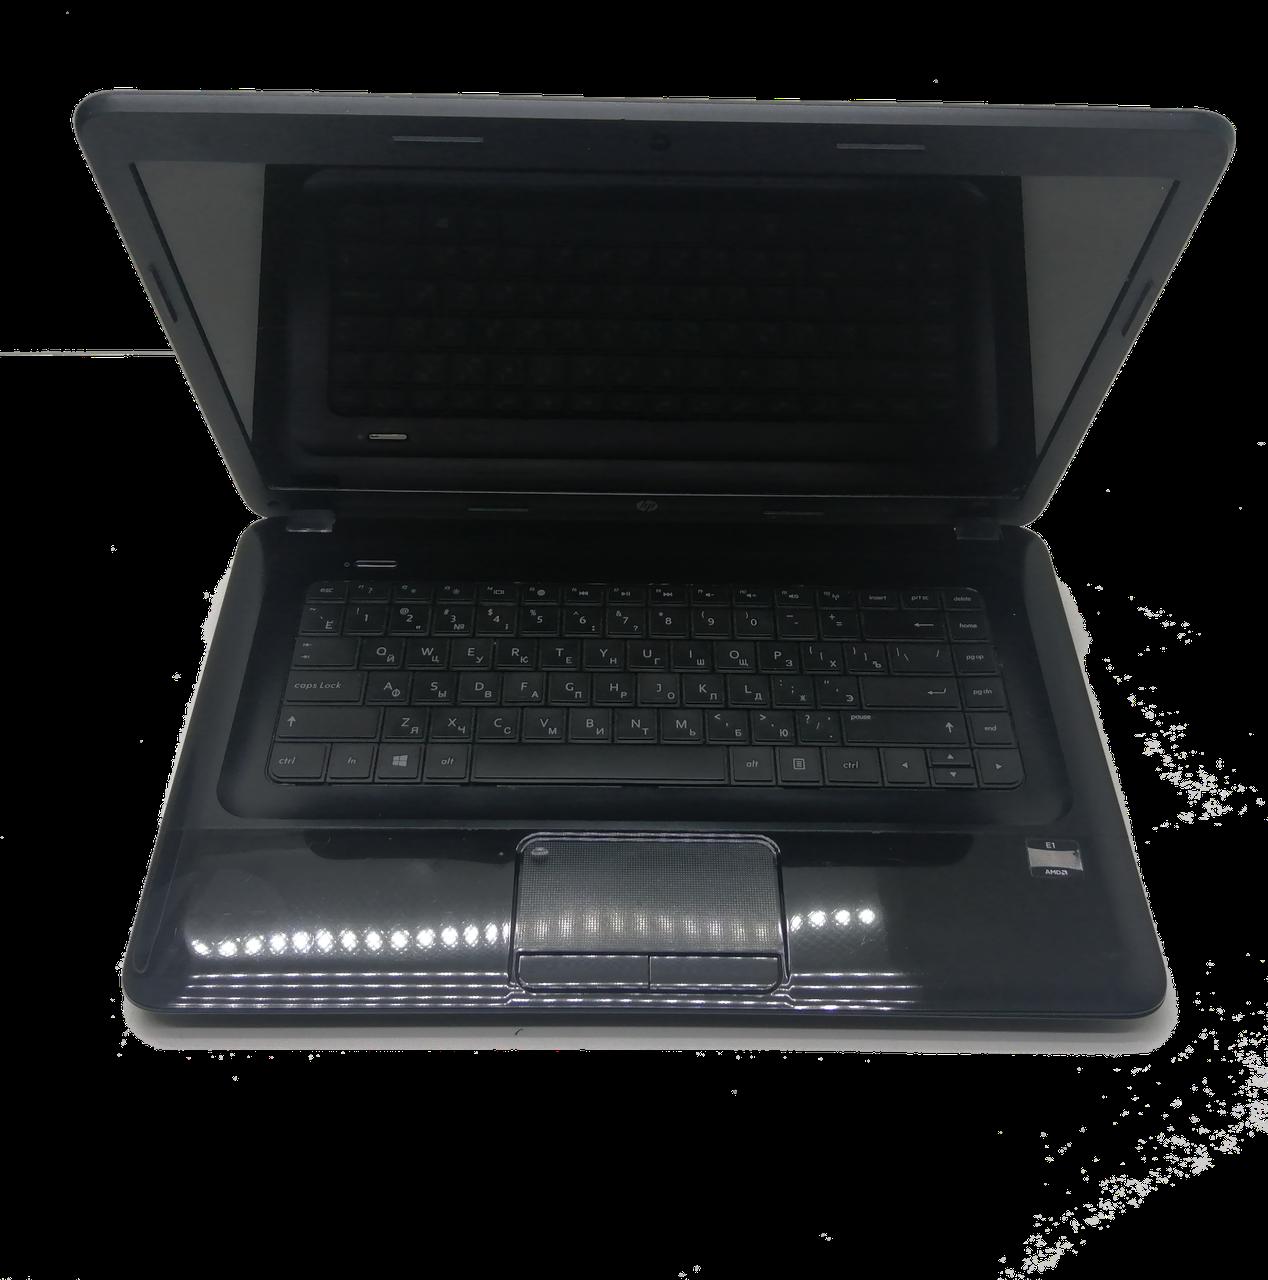 Ноутбук Hp pavilion 2000 serias